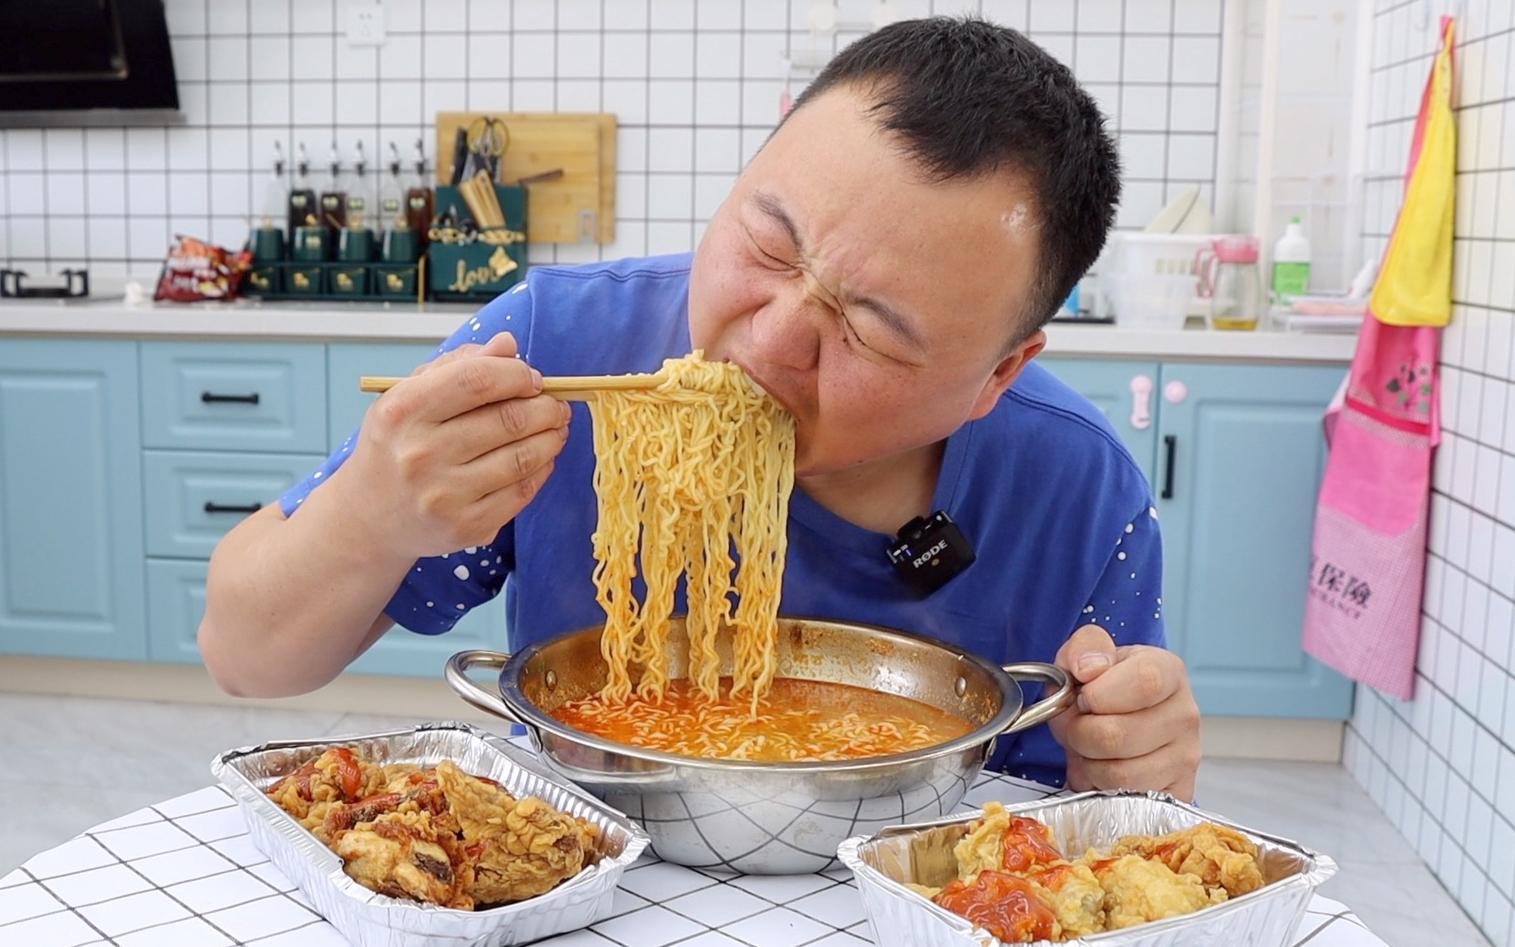 小伙饿了,煮点泡面配韩式炸鸡,一顿狂吸,狂啃,特过瘾!